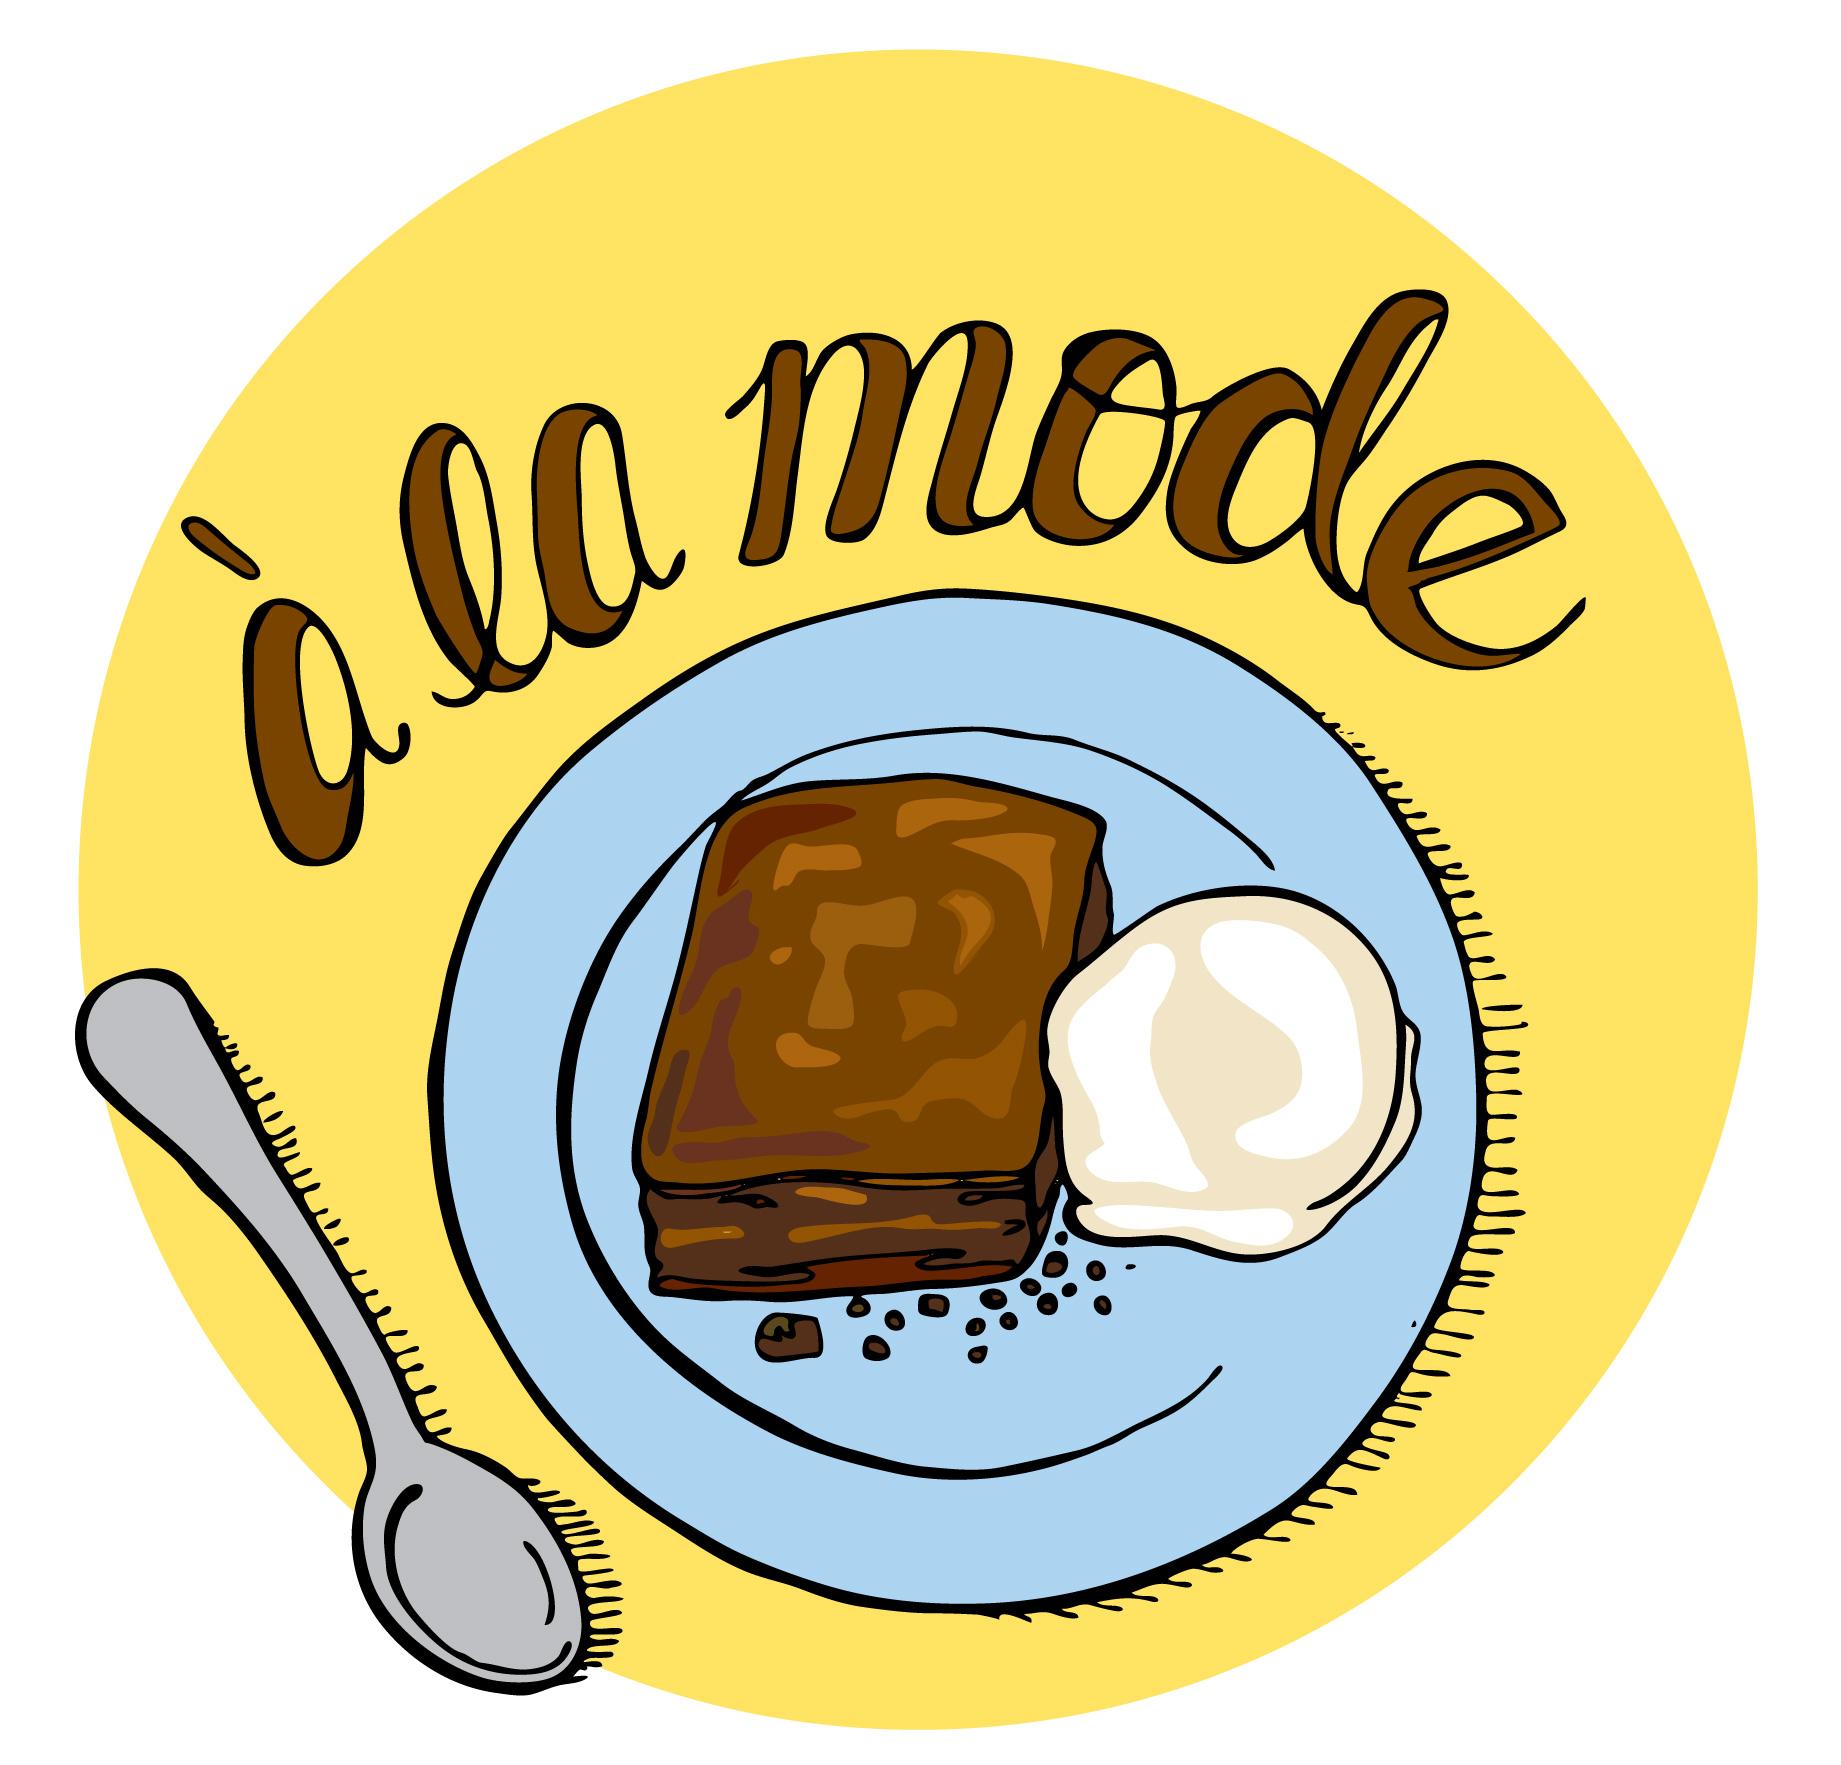 Brownie clipart baking brownie. June illustrated bites brownies